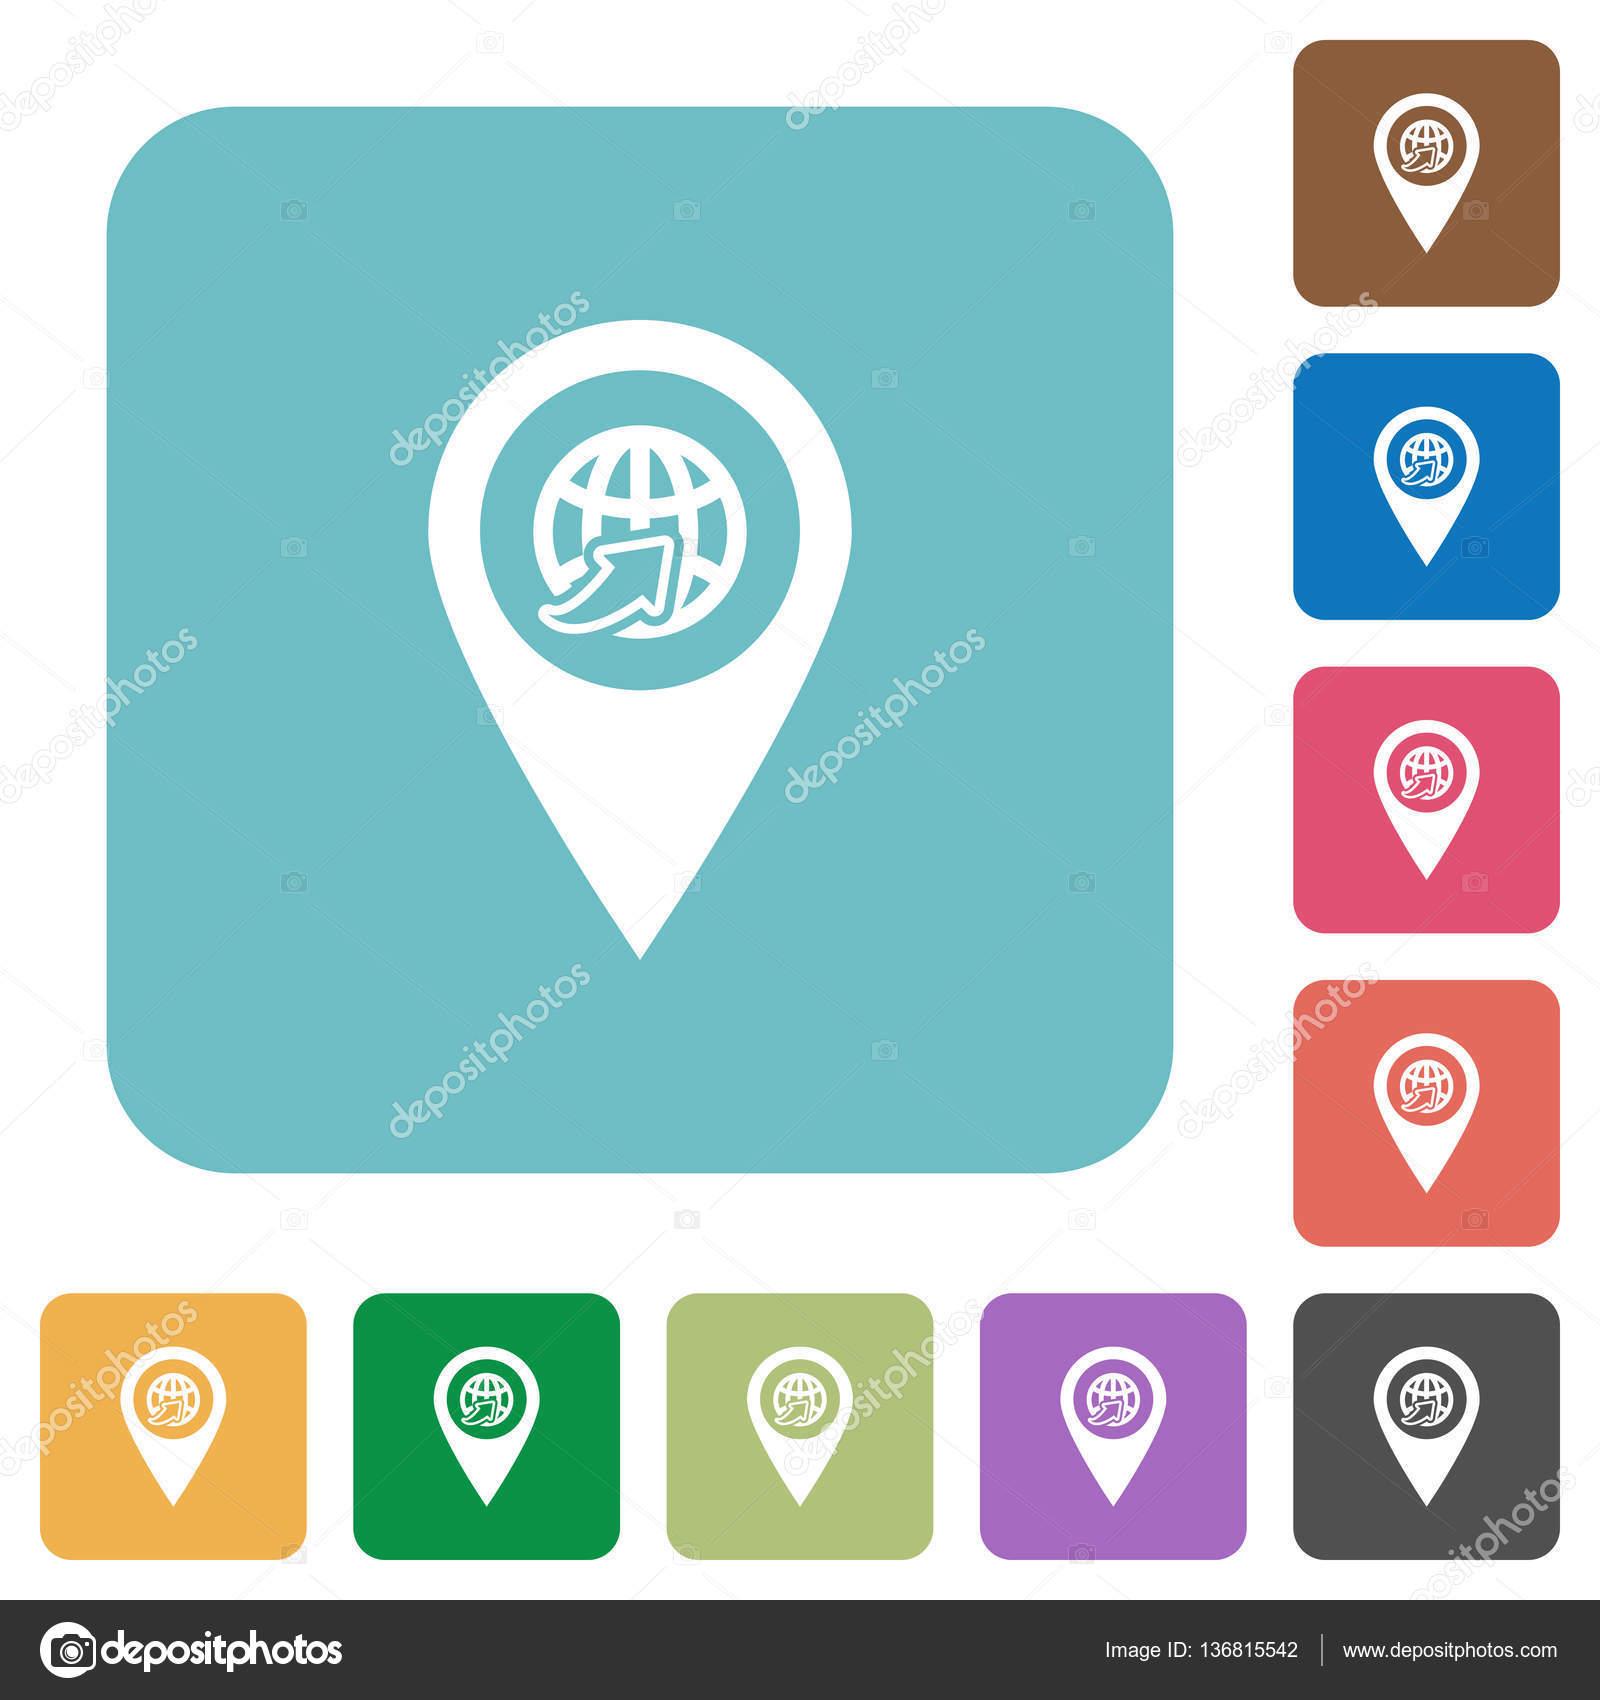 国际航线 gps 地图位置圆形方形扁 ico — 图库矢量